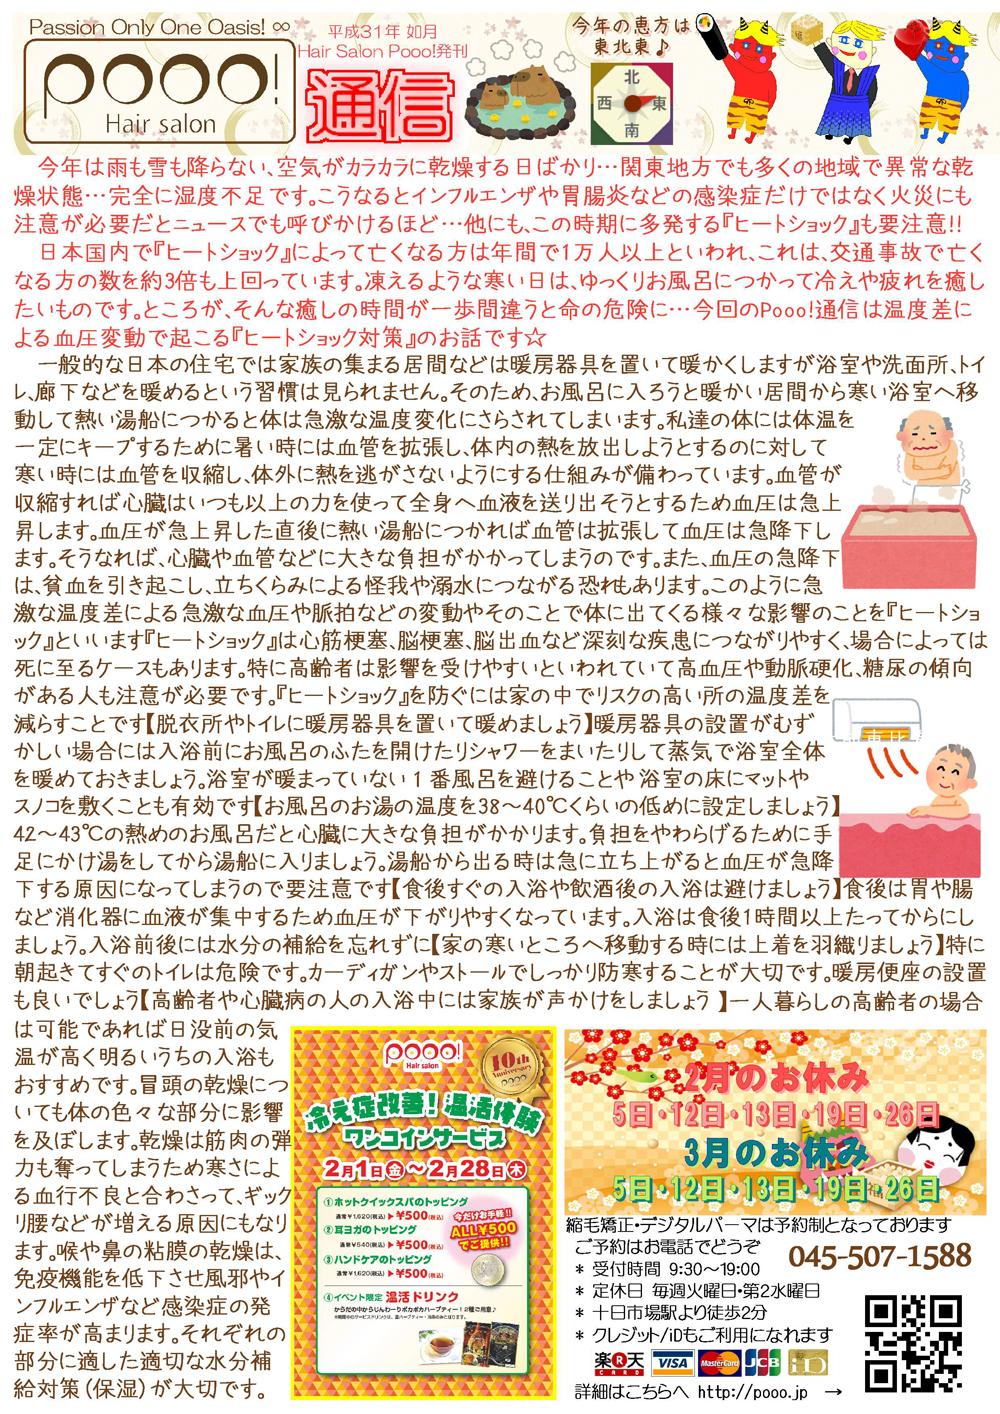 https://pooo.jp/wp-content/uploads/2019/01/Pooonews19-02.jpg